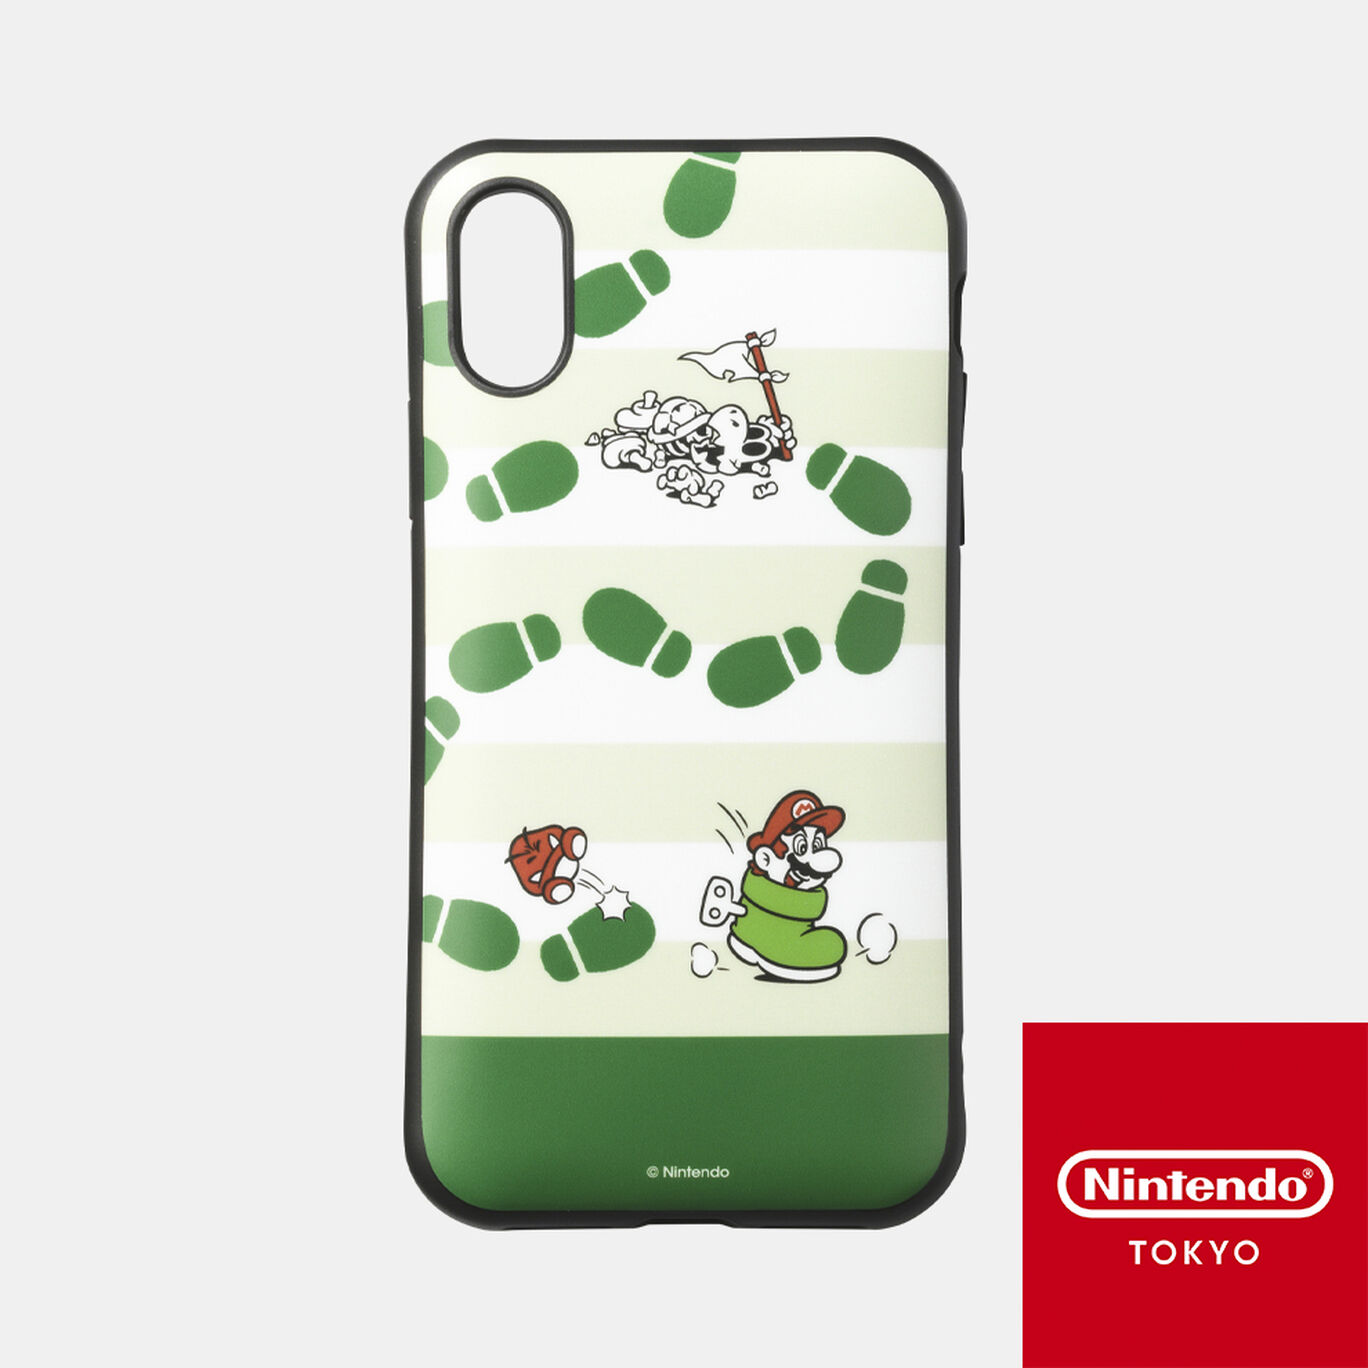 スマホケース スーパーマリオ パワーアップ B iPhone XS/X 対応【Nintendo TOKYO取り扱い商品】